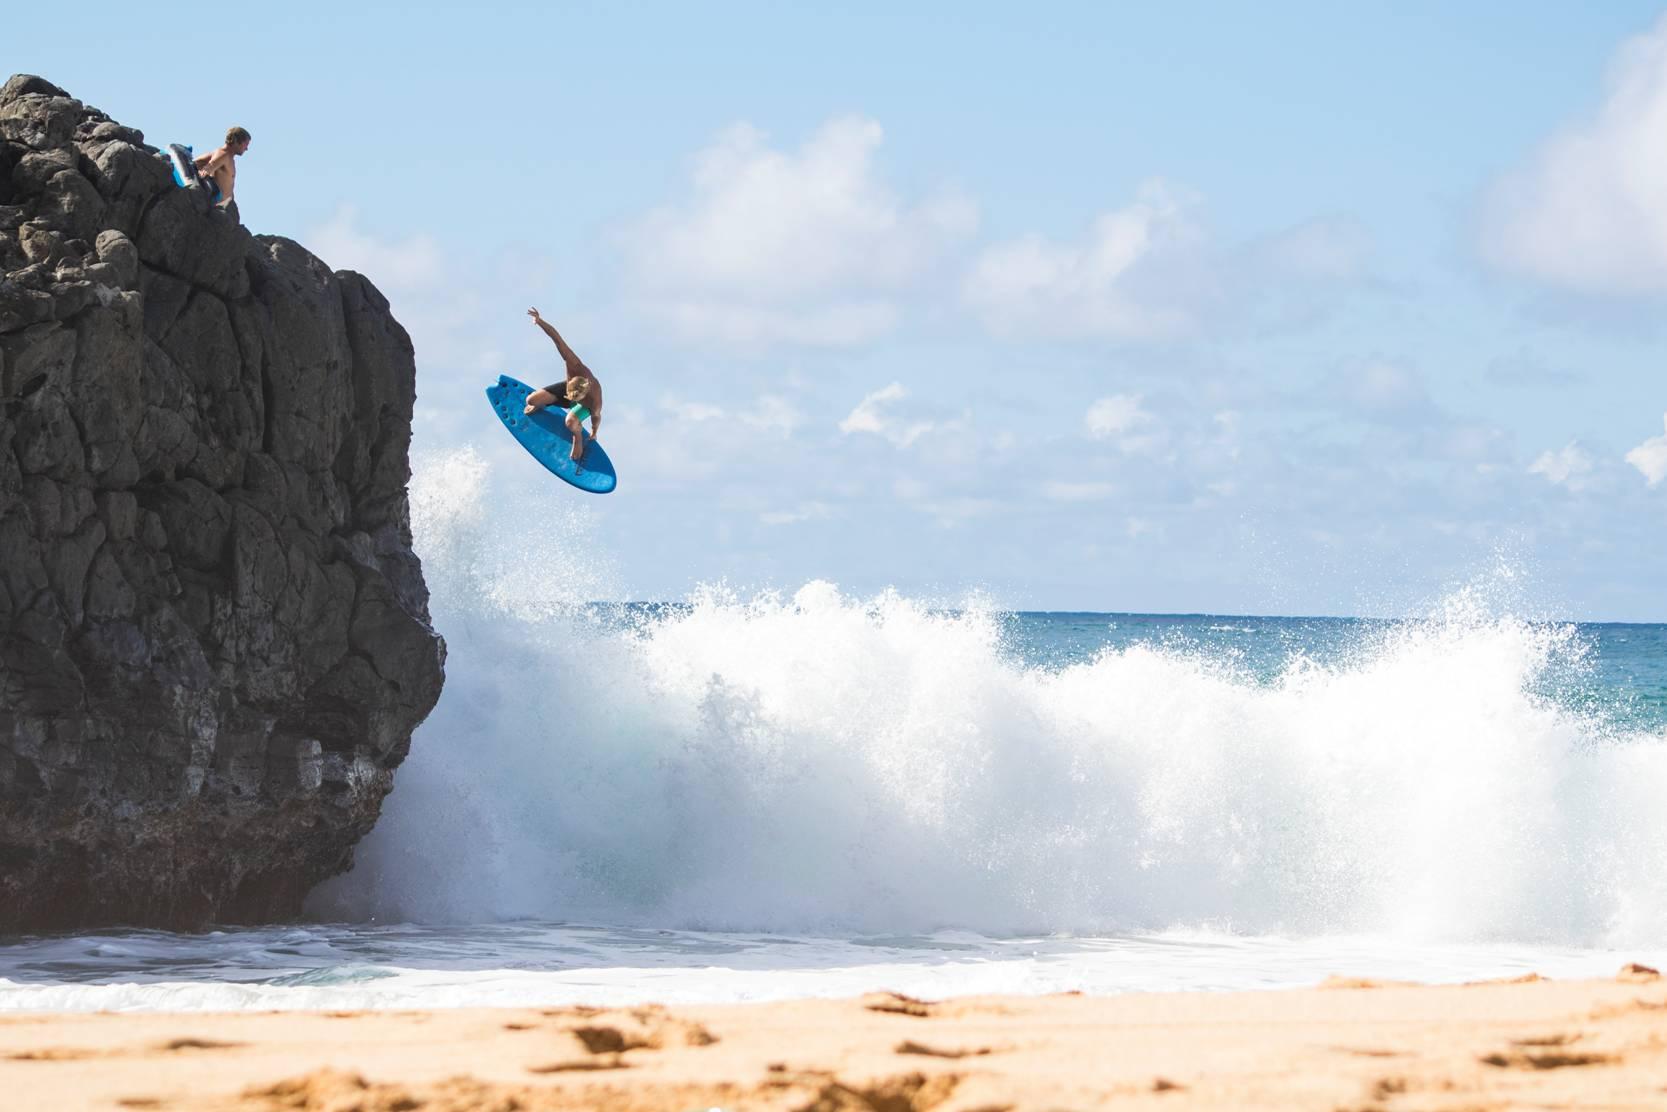 Catch Surf X T Amp C Surf Demo Day Freesurf Magazine